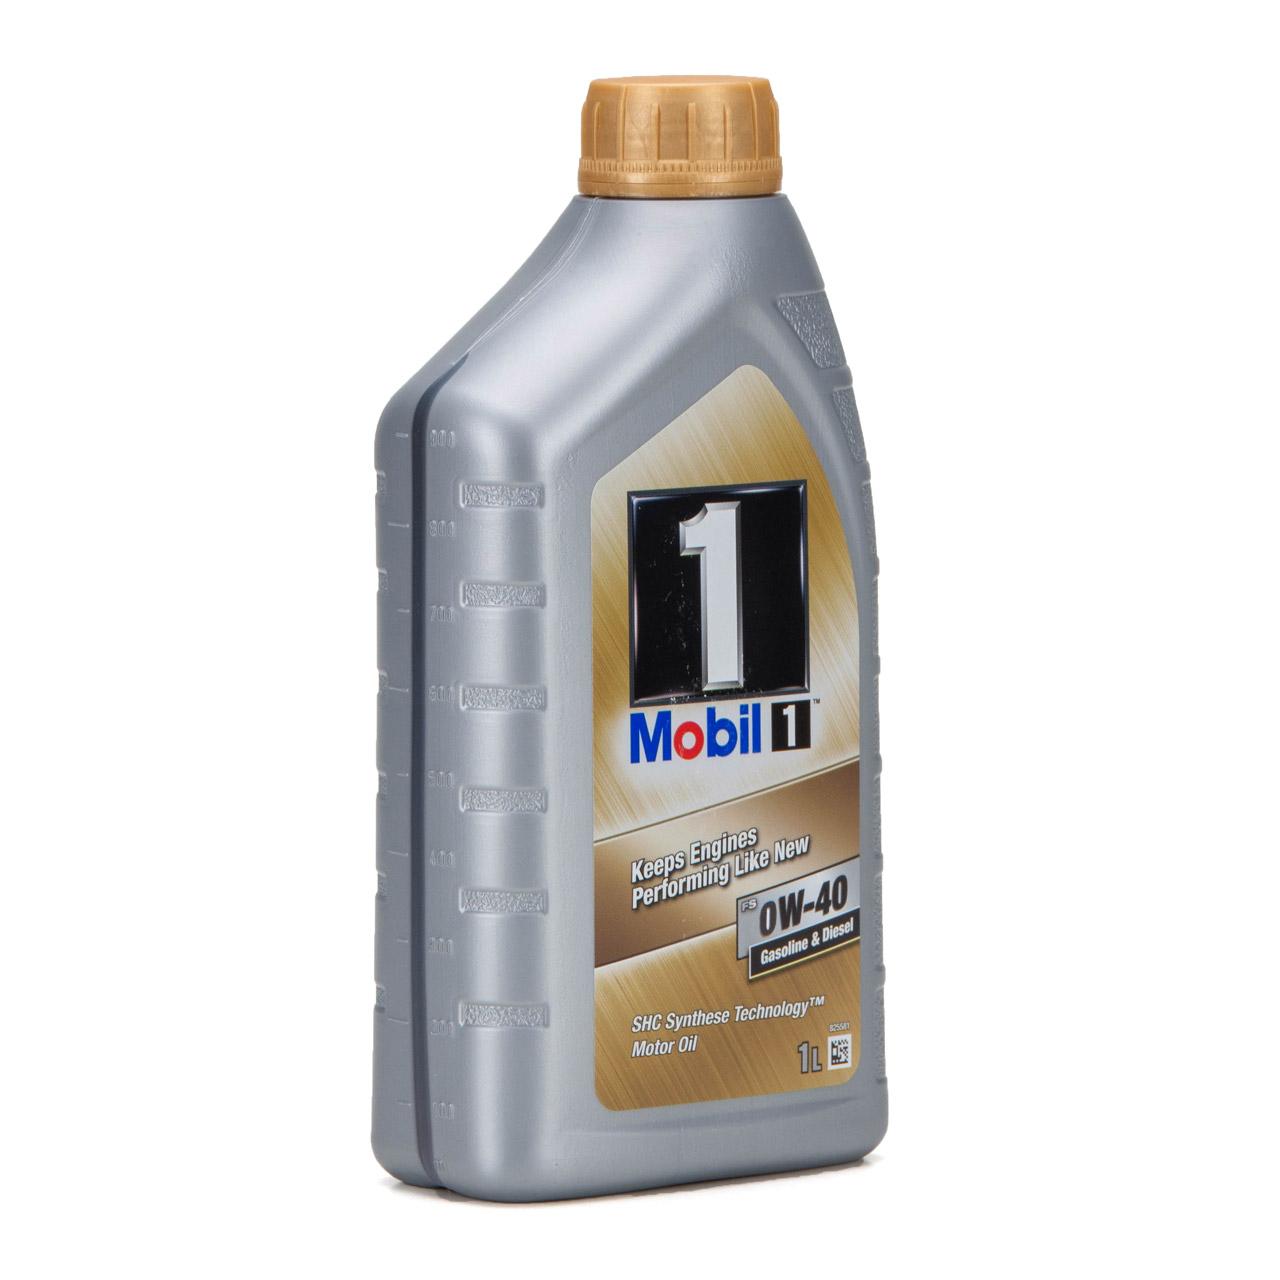 Mobil 1 FS Motoröl Öl 0W-40 0W40 MB PORSCHE A40 VW 502.00 505.00 - 1L 1 Liter